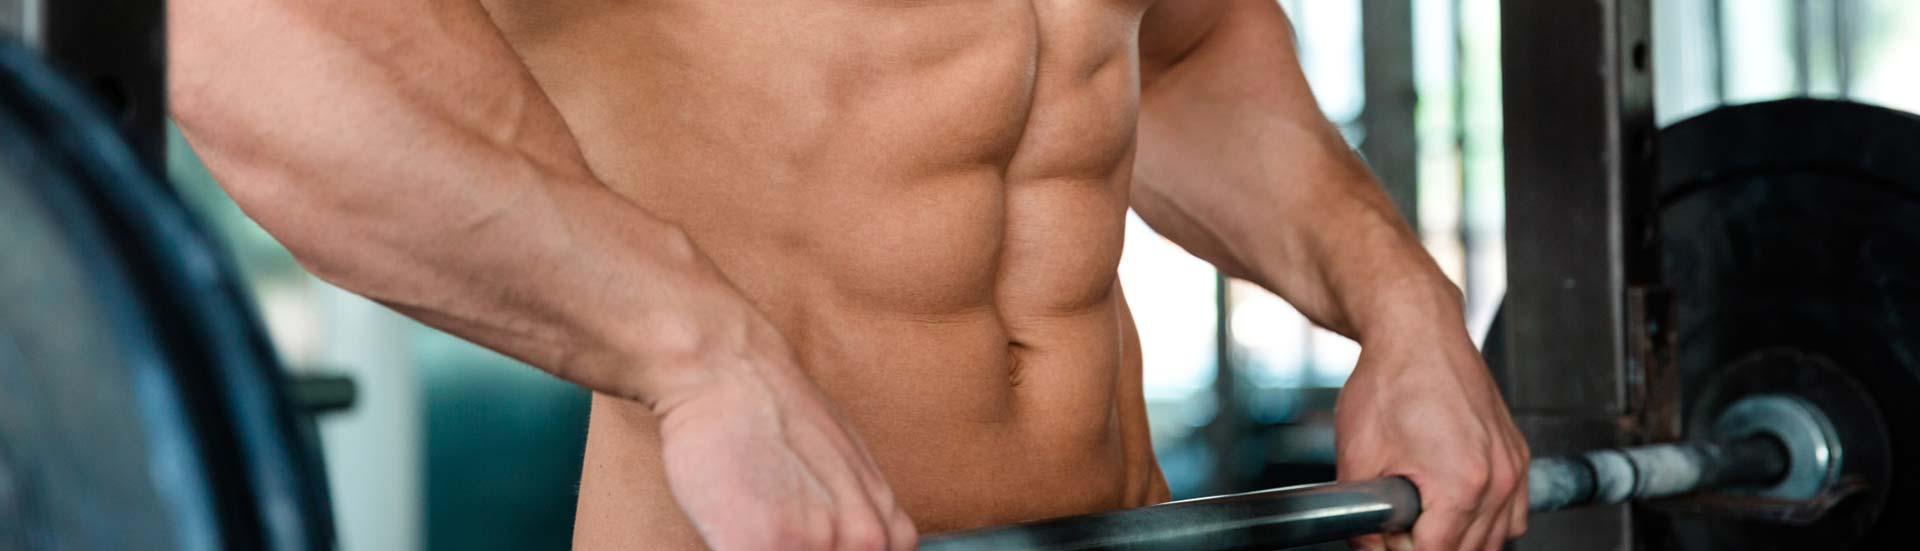 Treino de hipertrofia para abdominais